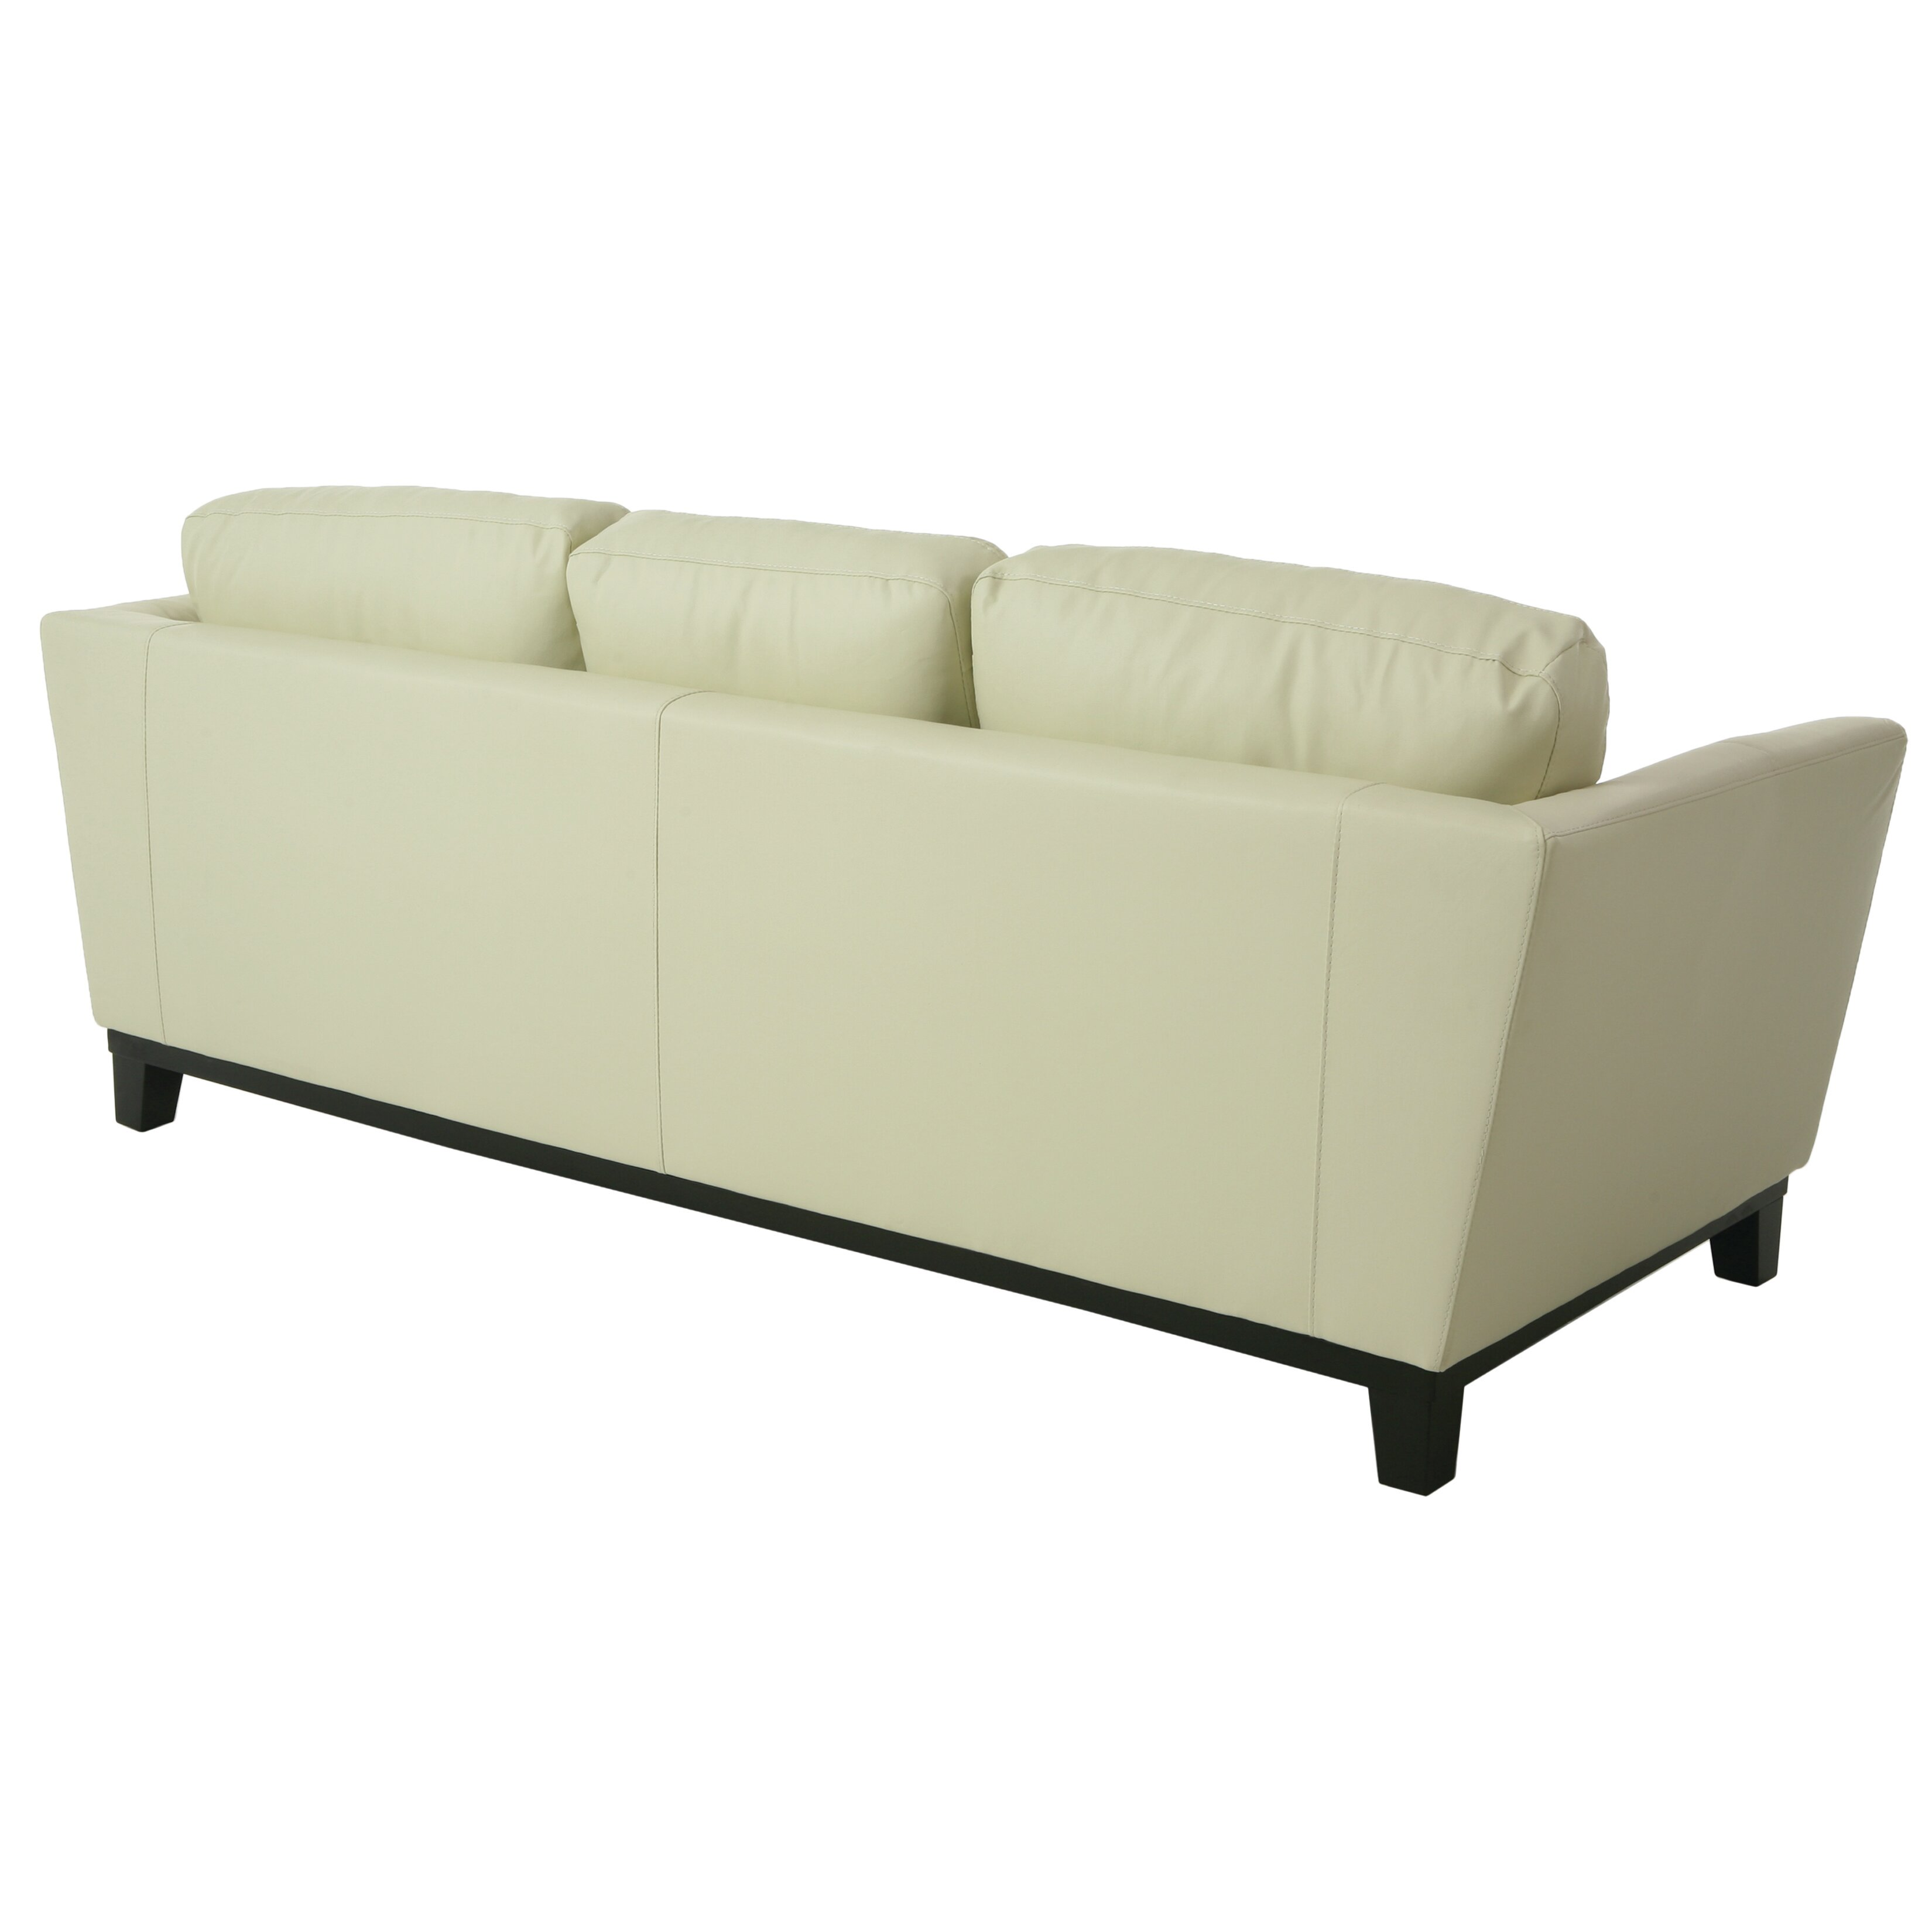 Impacterra new zealand sofa wayfair for Sofa bed new zealand